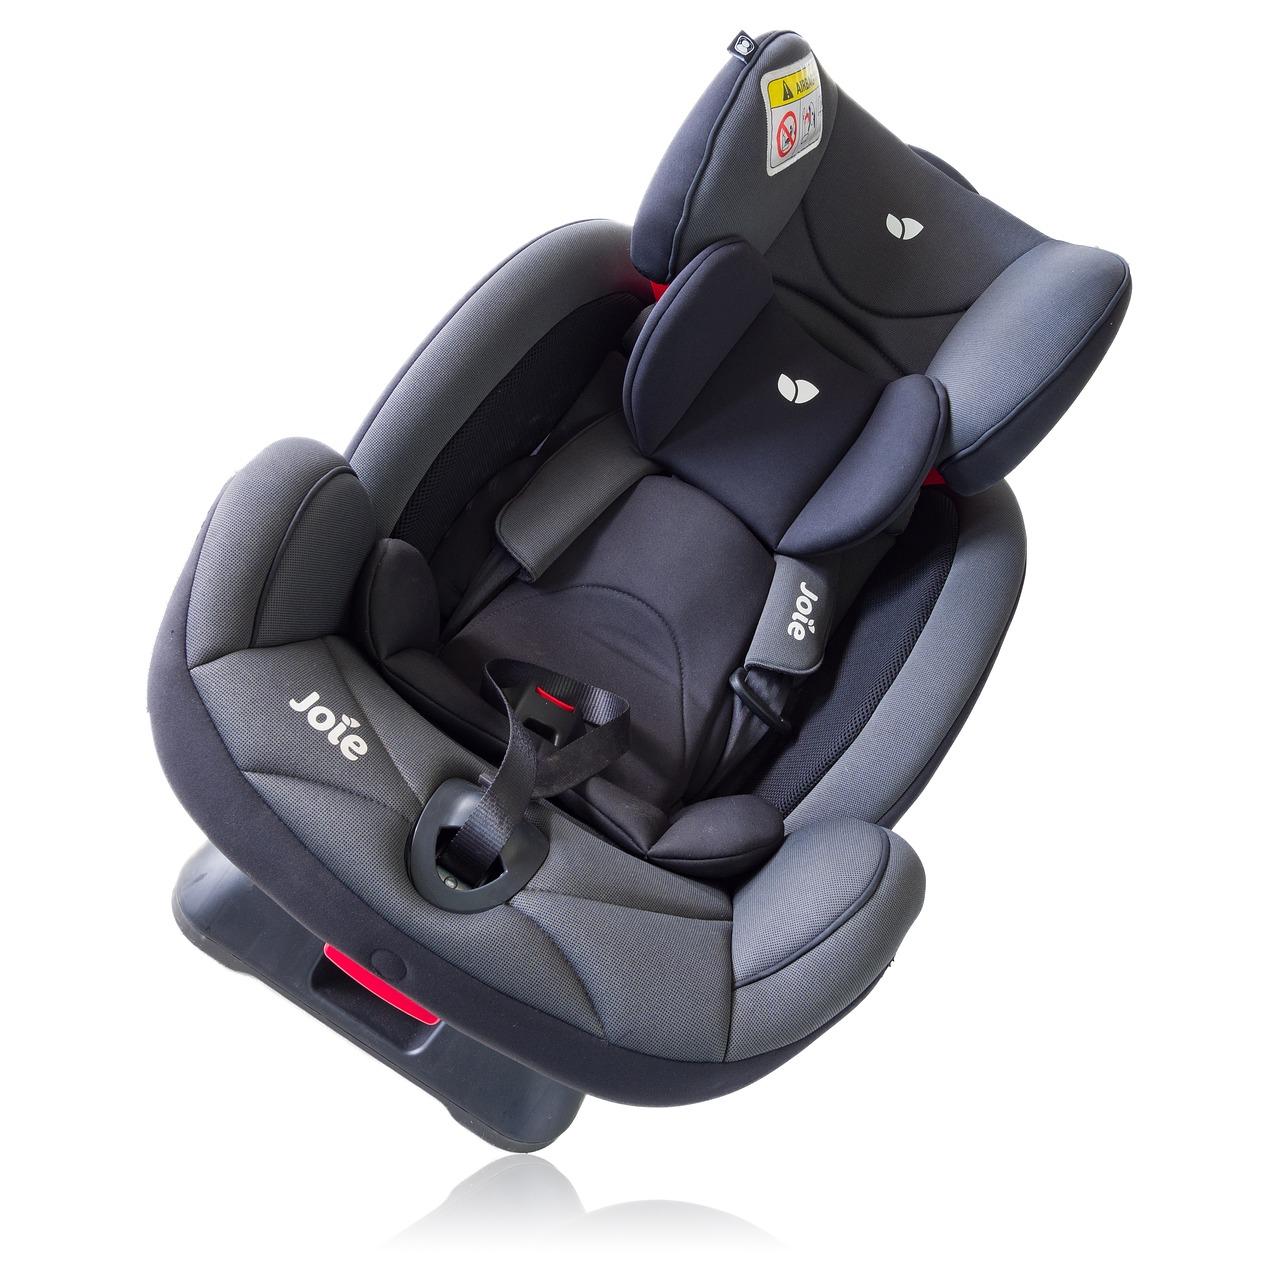 Foteliki samochodowe: bezpieczne podróżowanie z dzieckiem